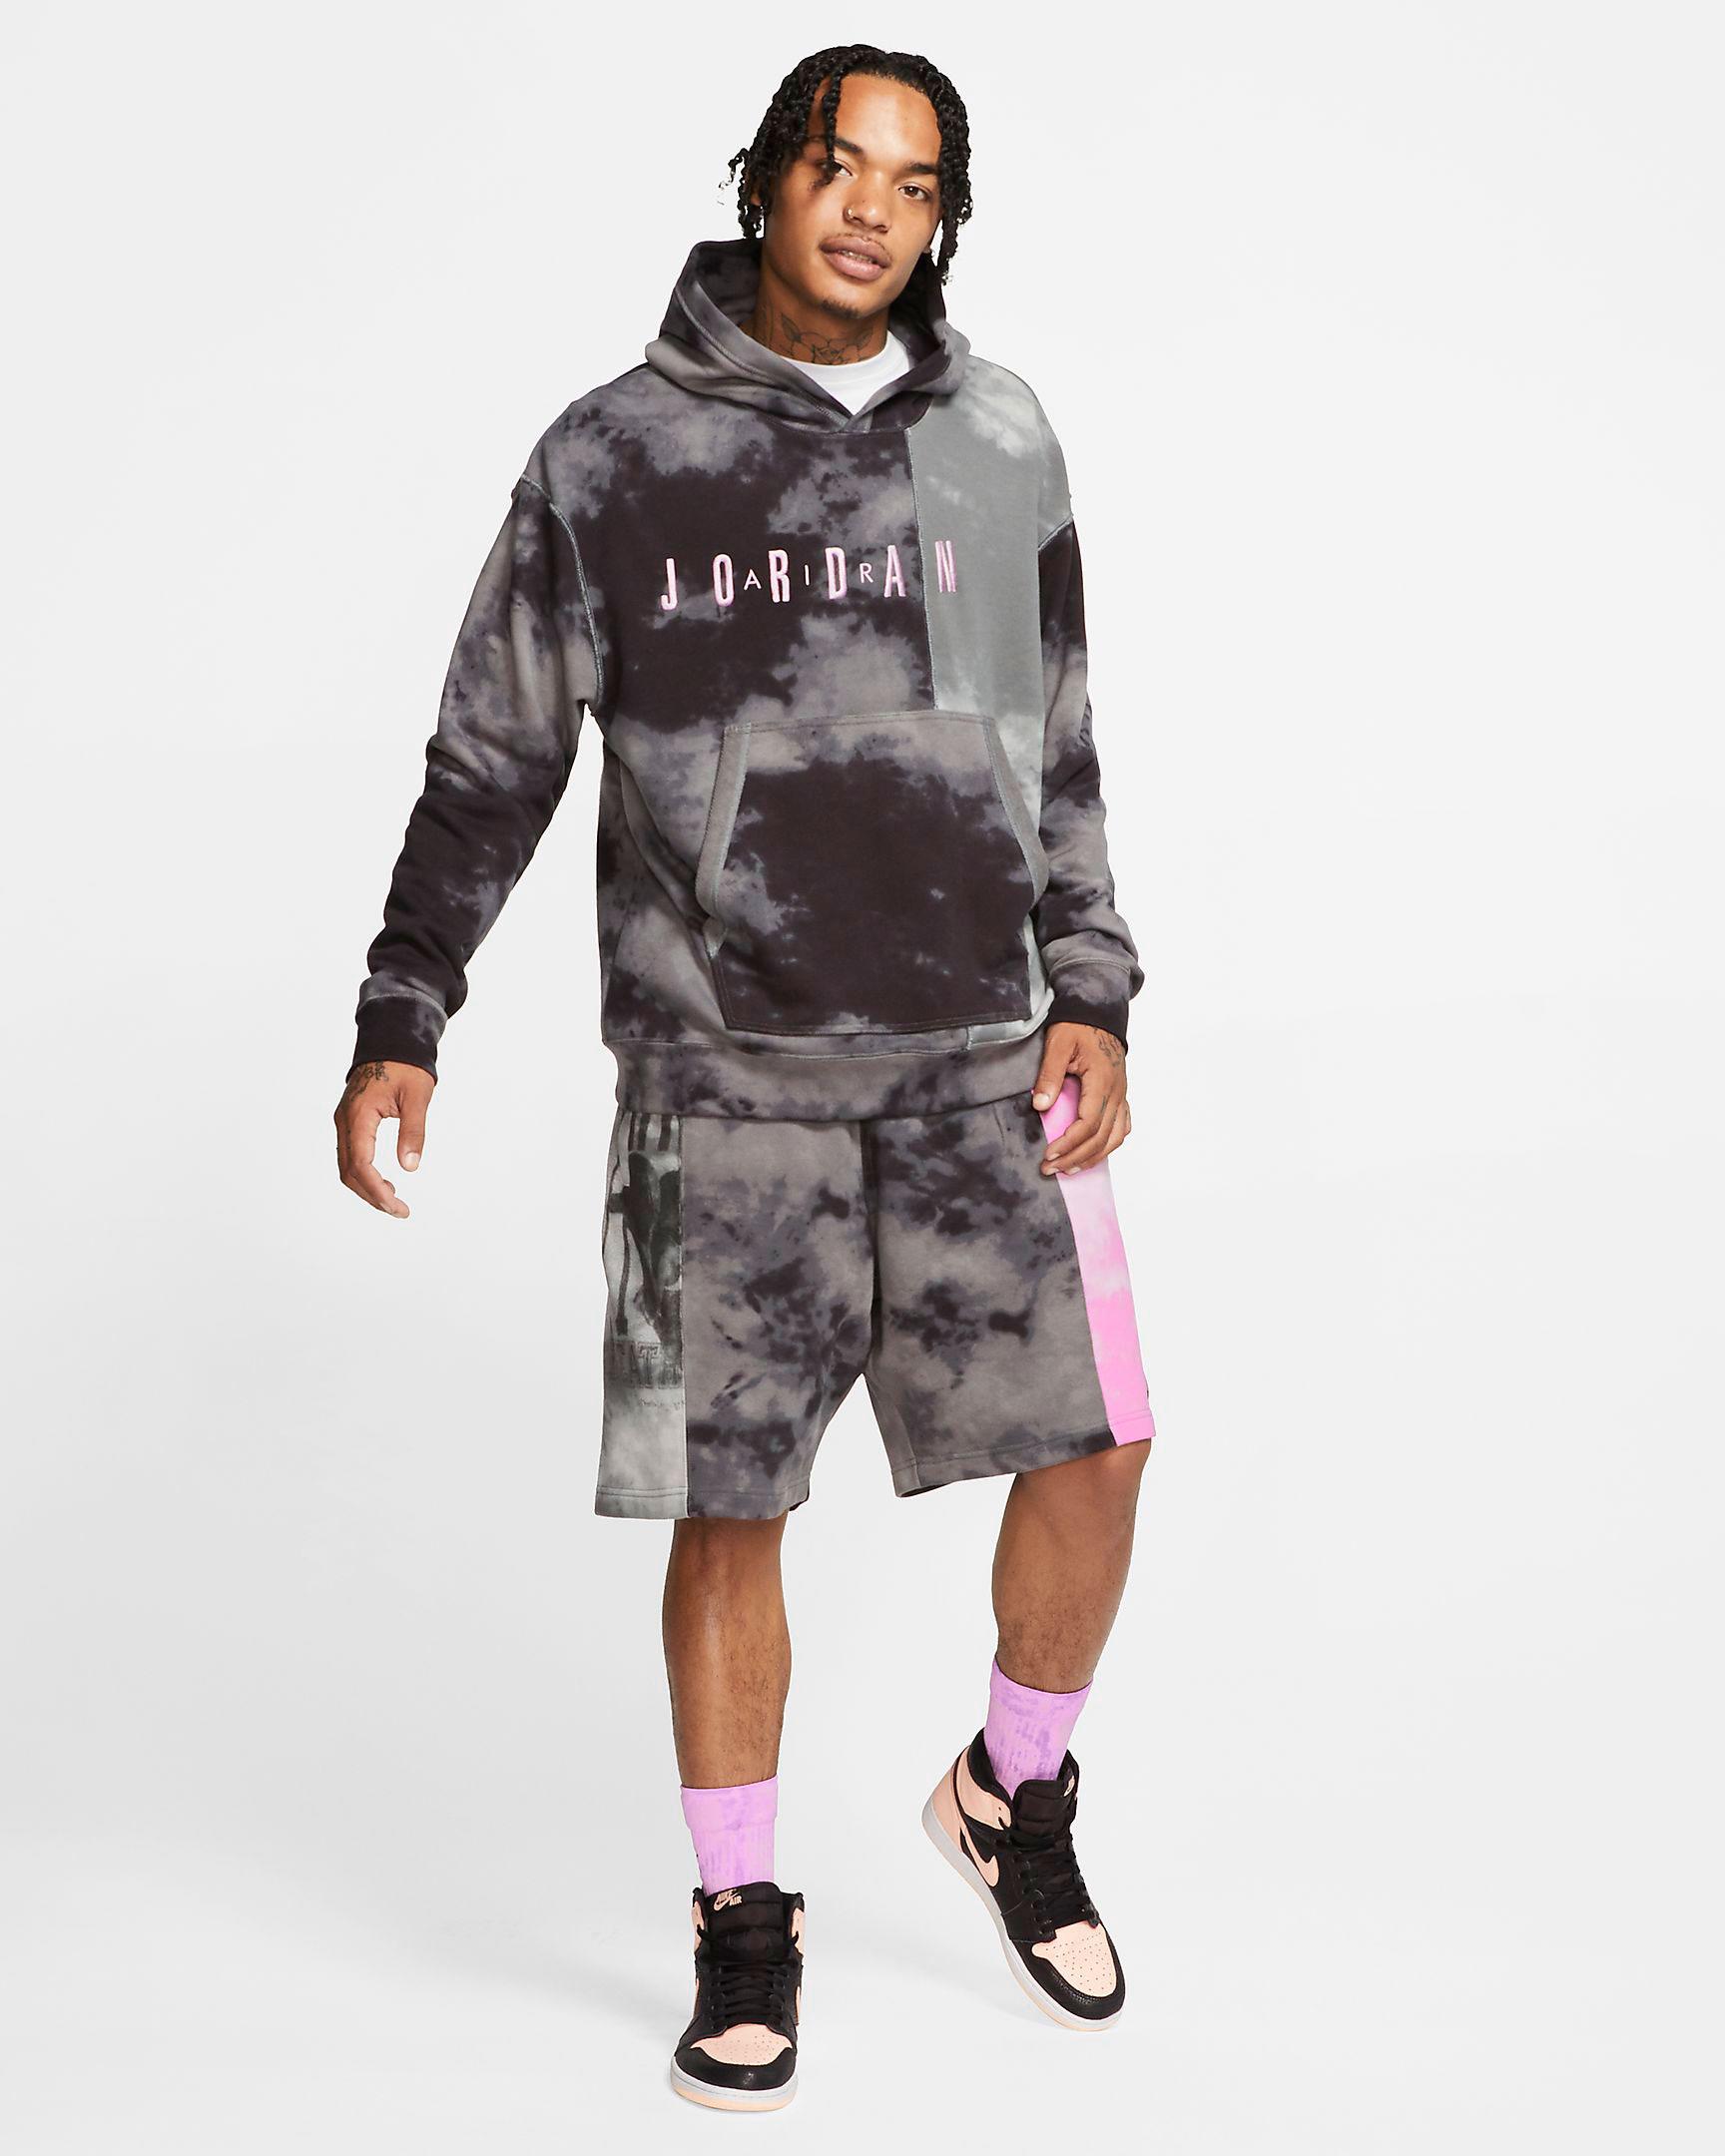 jordan-sport-dna-vintage-hoodie-shorts-black-grey-purple